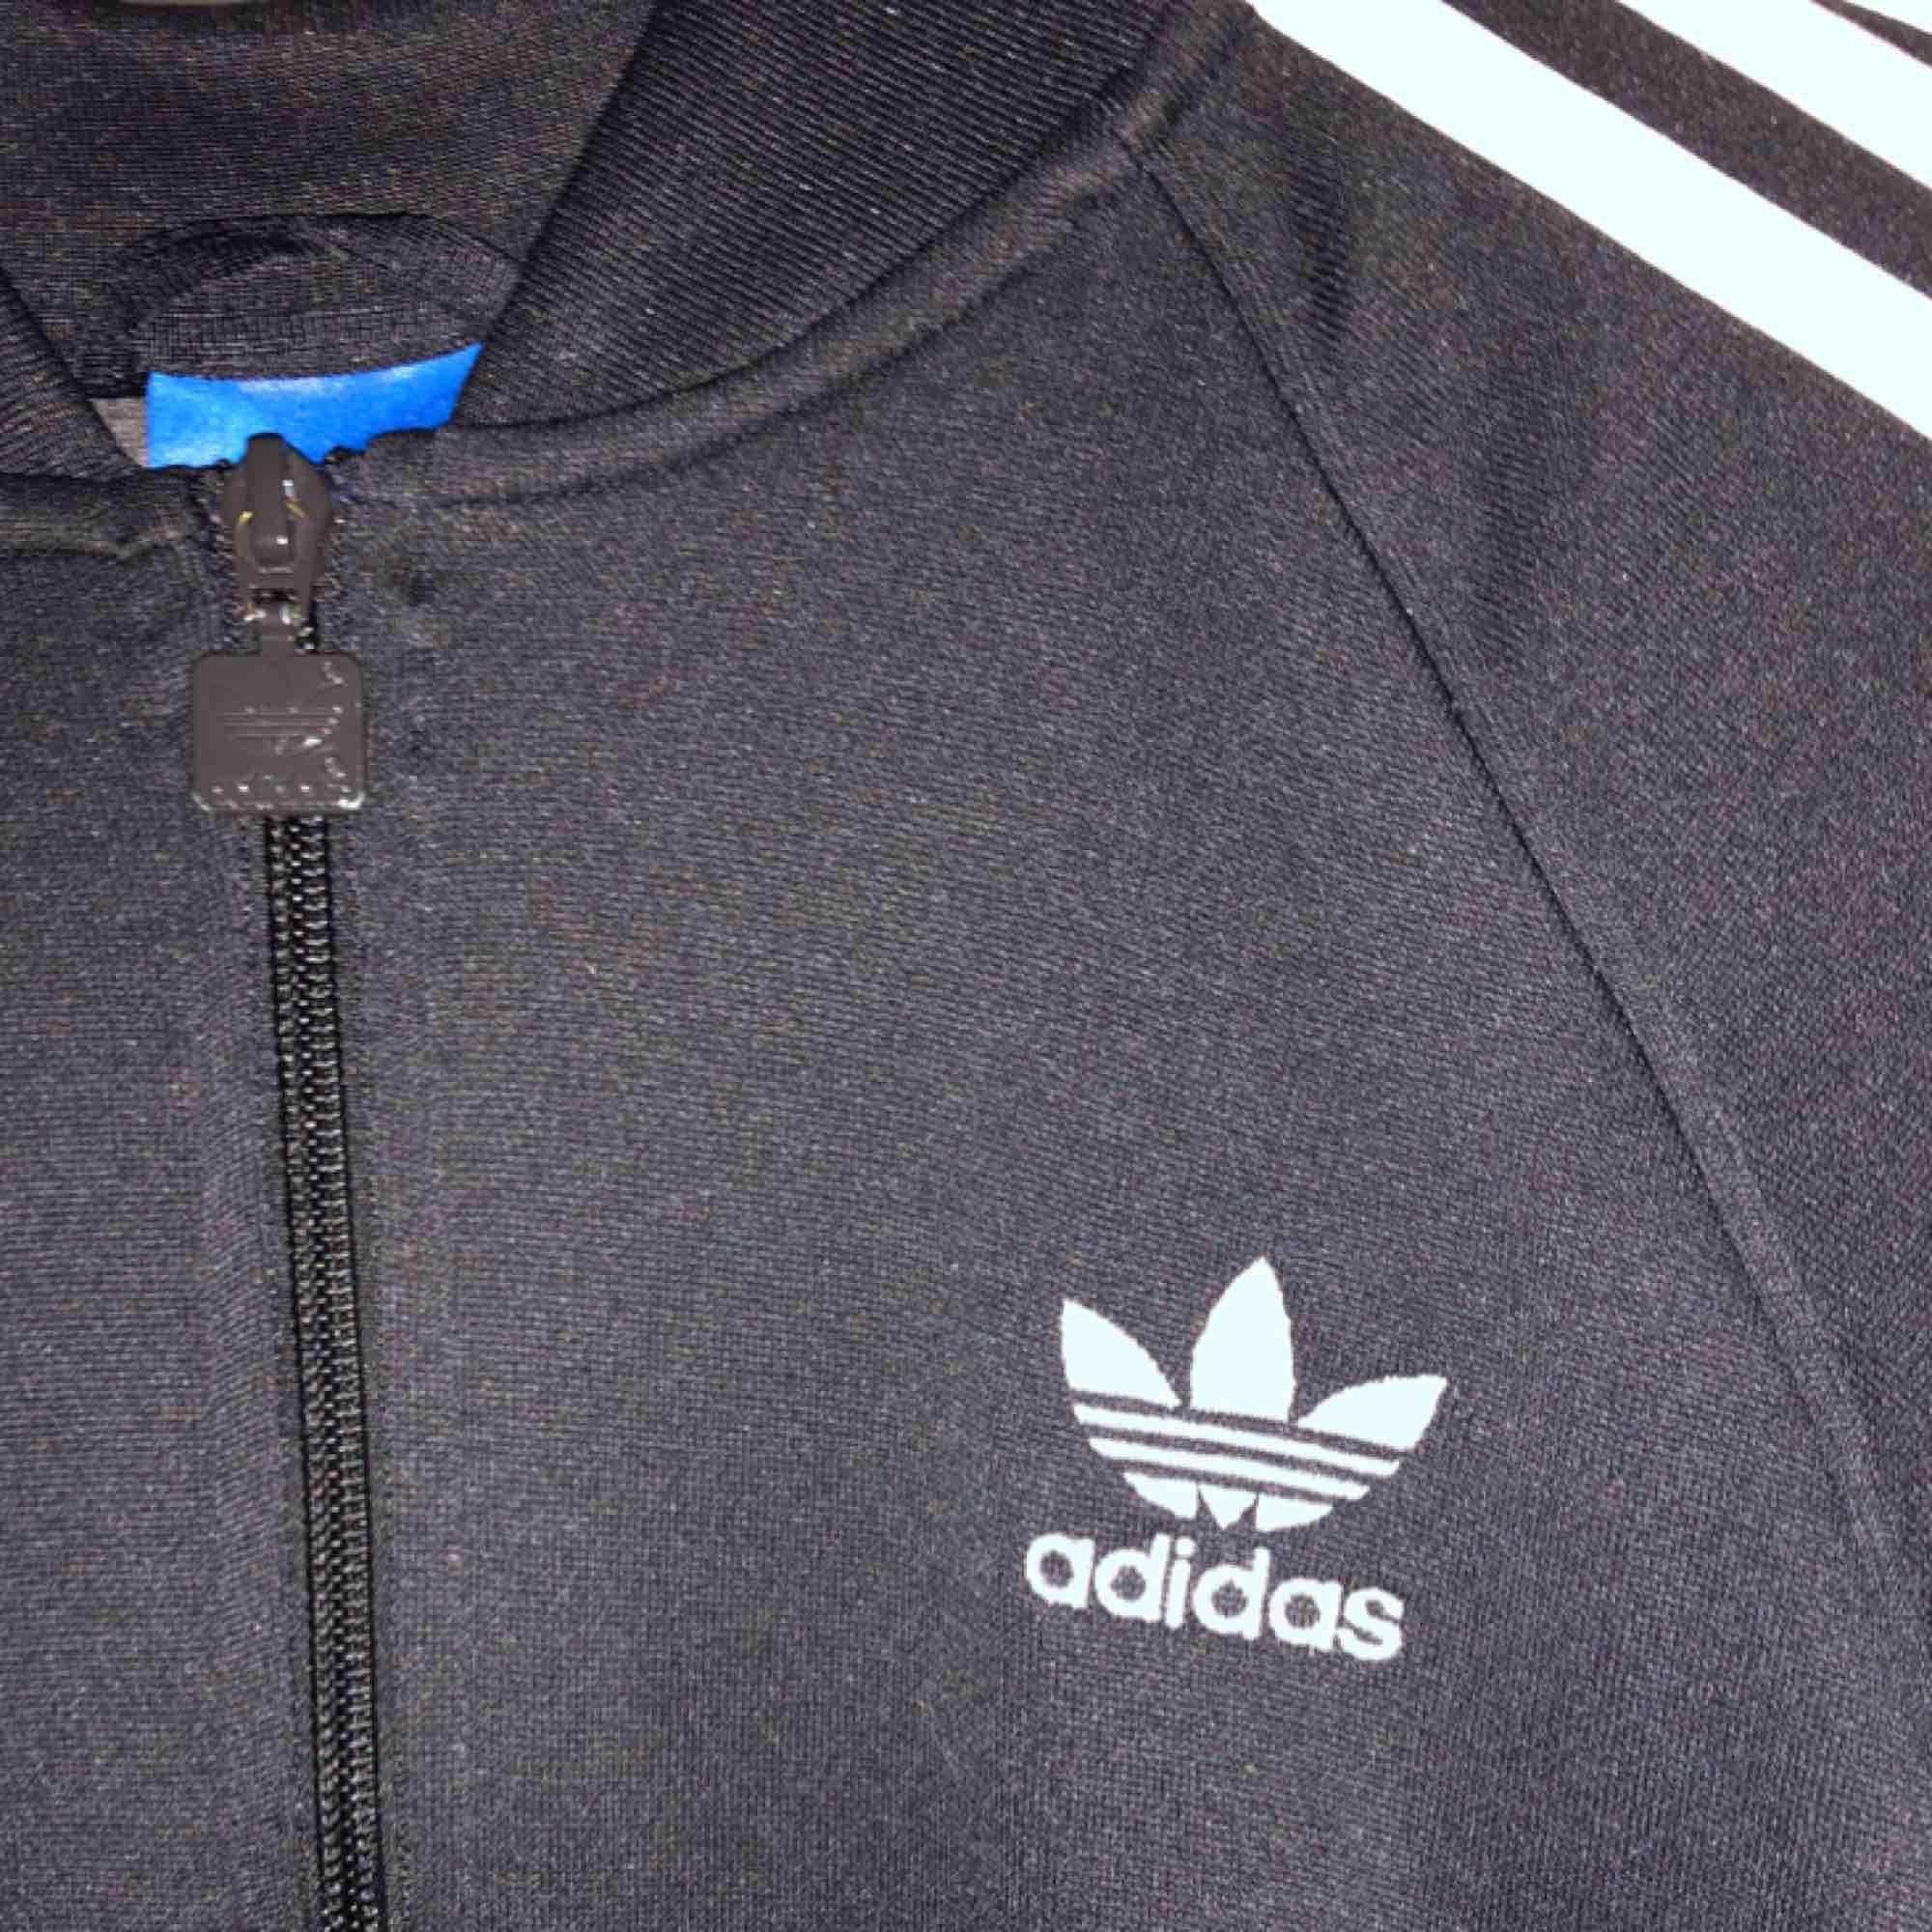 Adidas tracksuit kofta som är knappt använd!. Tröjor & Koftor.